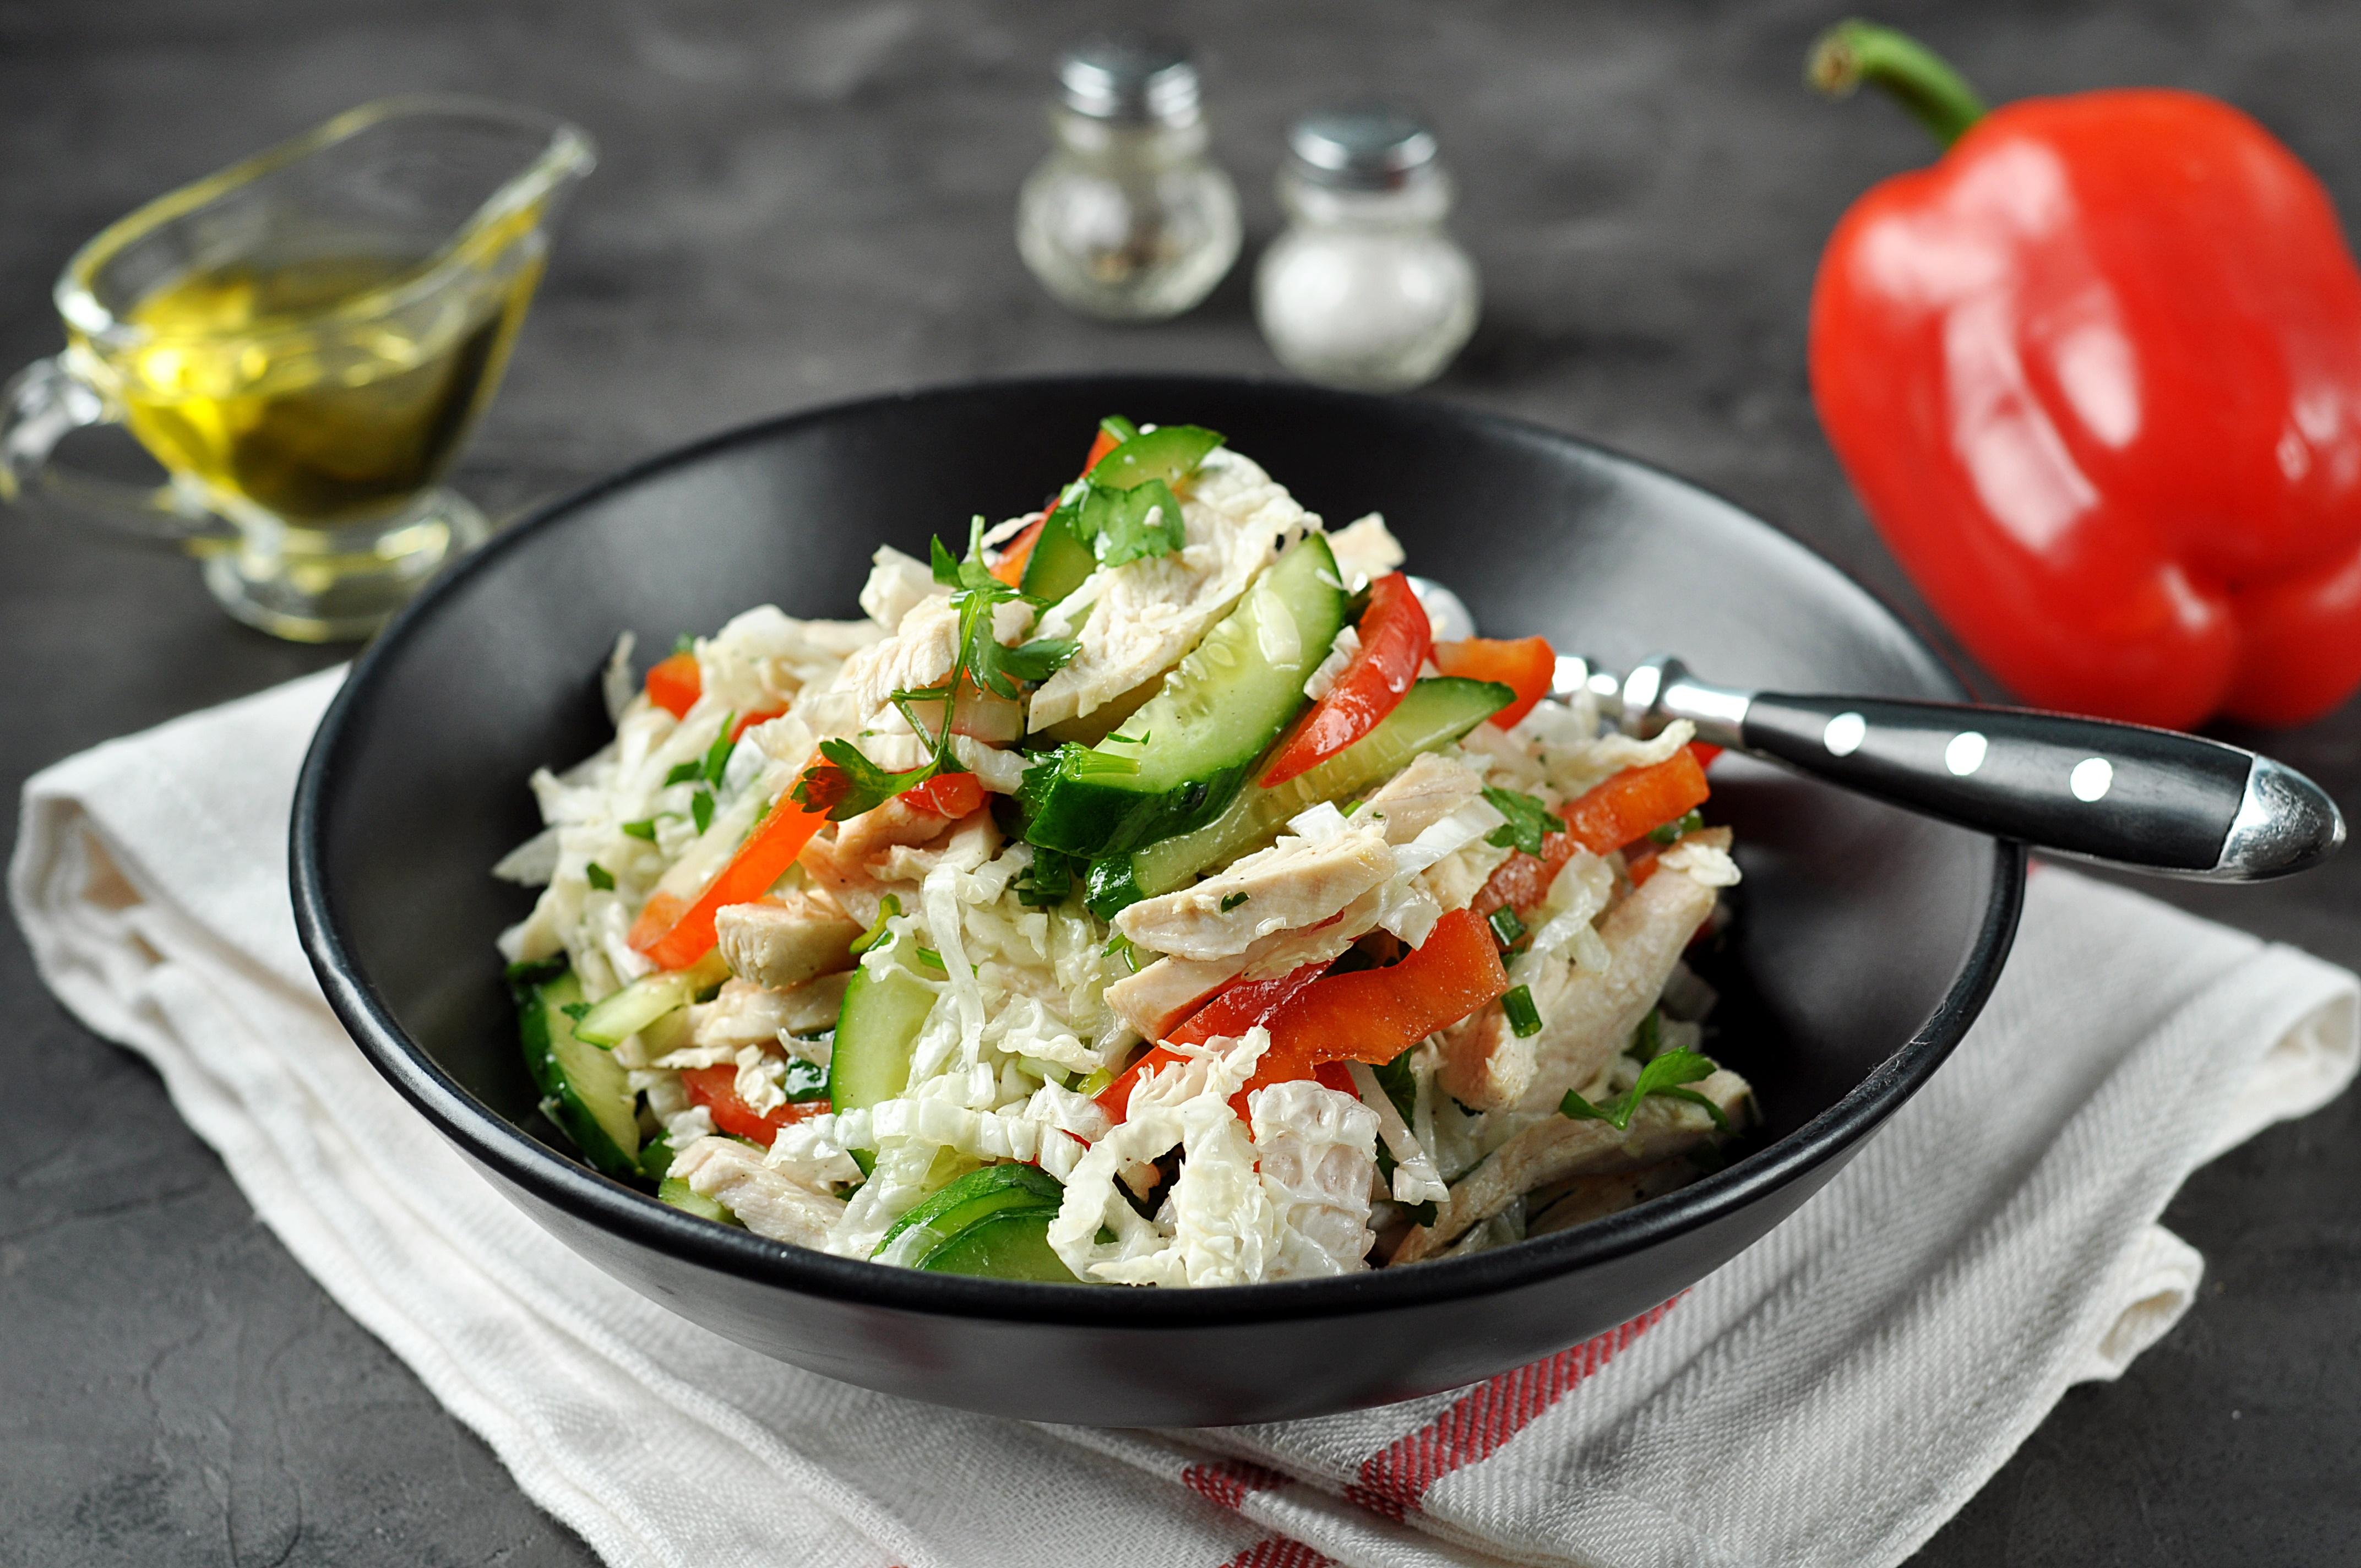 Салат из пекинской капусты с курицей, огурцом и болгарским перцем